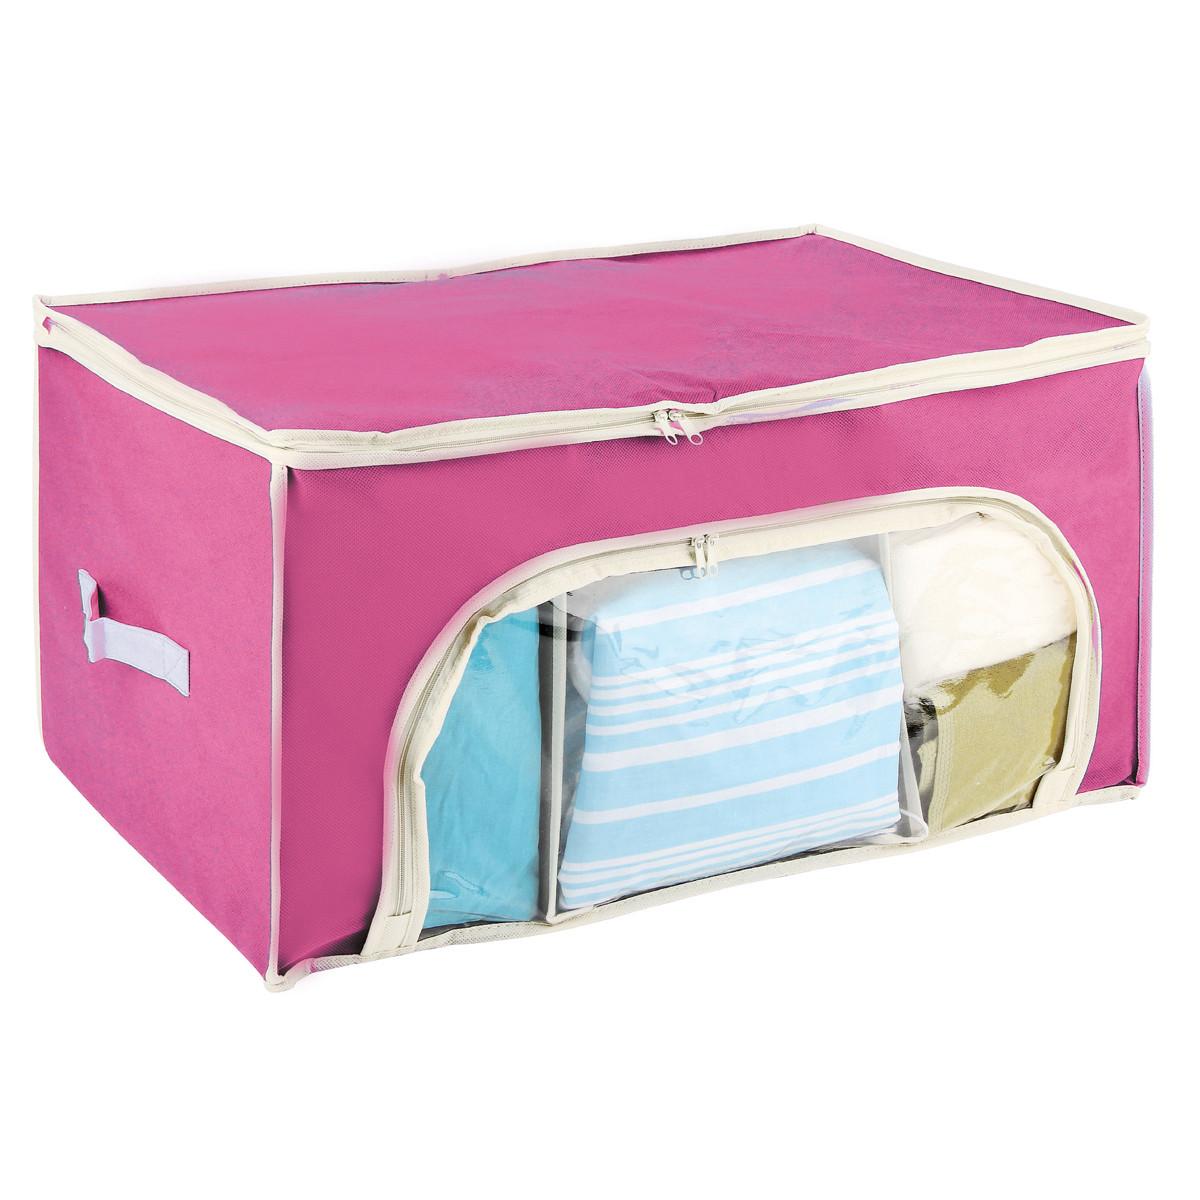 Θήκη Φύλαξης (56x36x30) εstia 03-4699 Pink home   κρεβατοκάμαρα   οργάνωση ντουλάπας